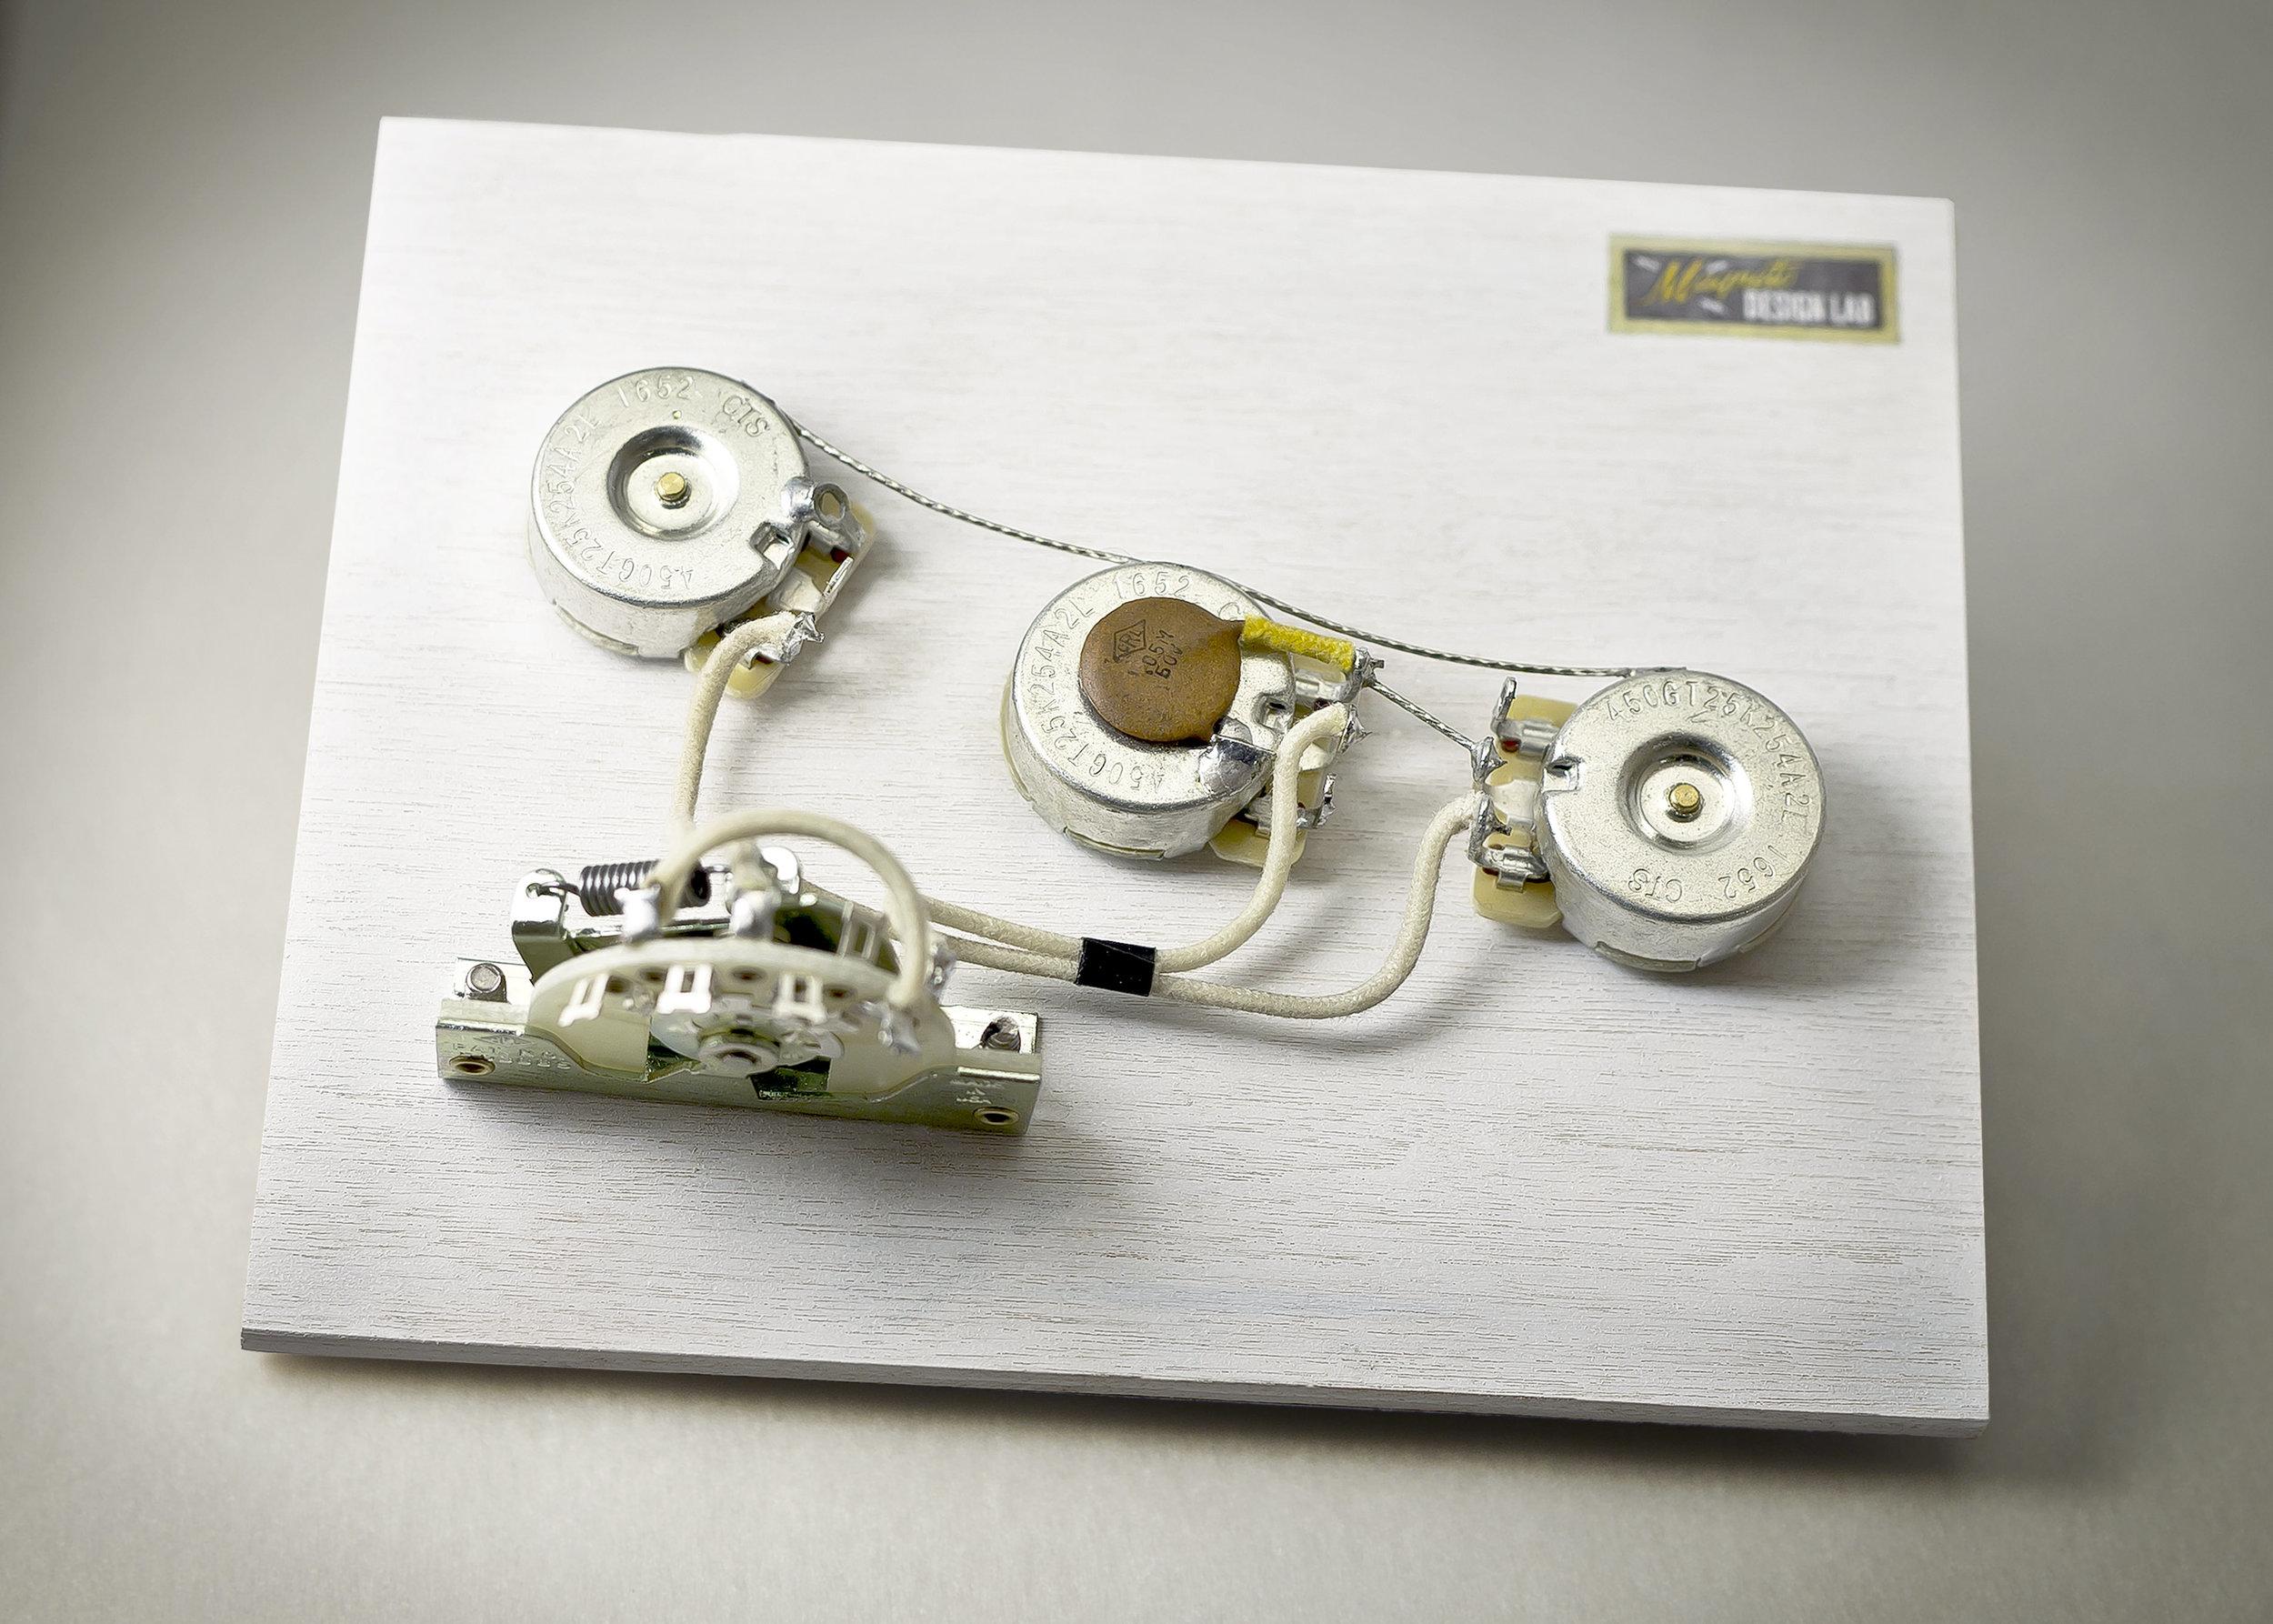 Strat Wiring Harness : strat wiring harness - yogabreezes.com